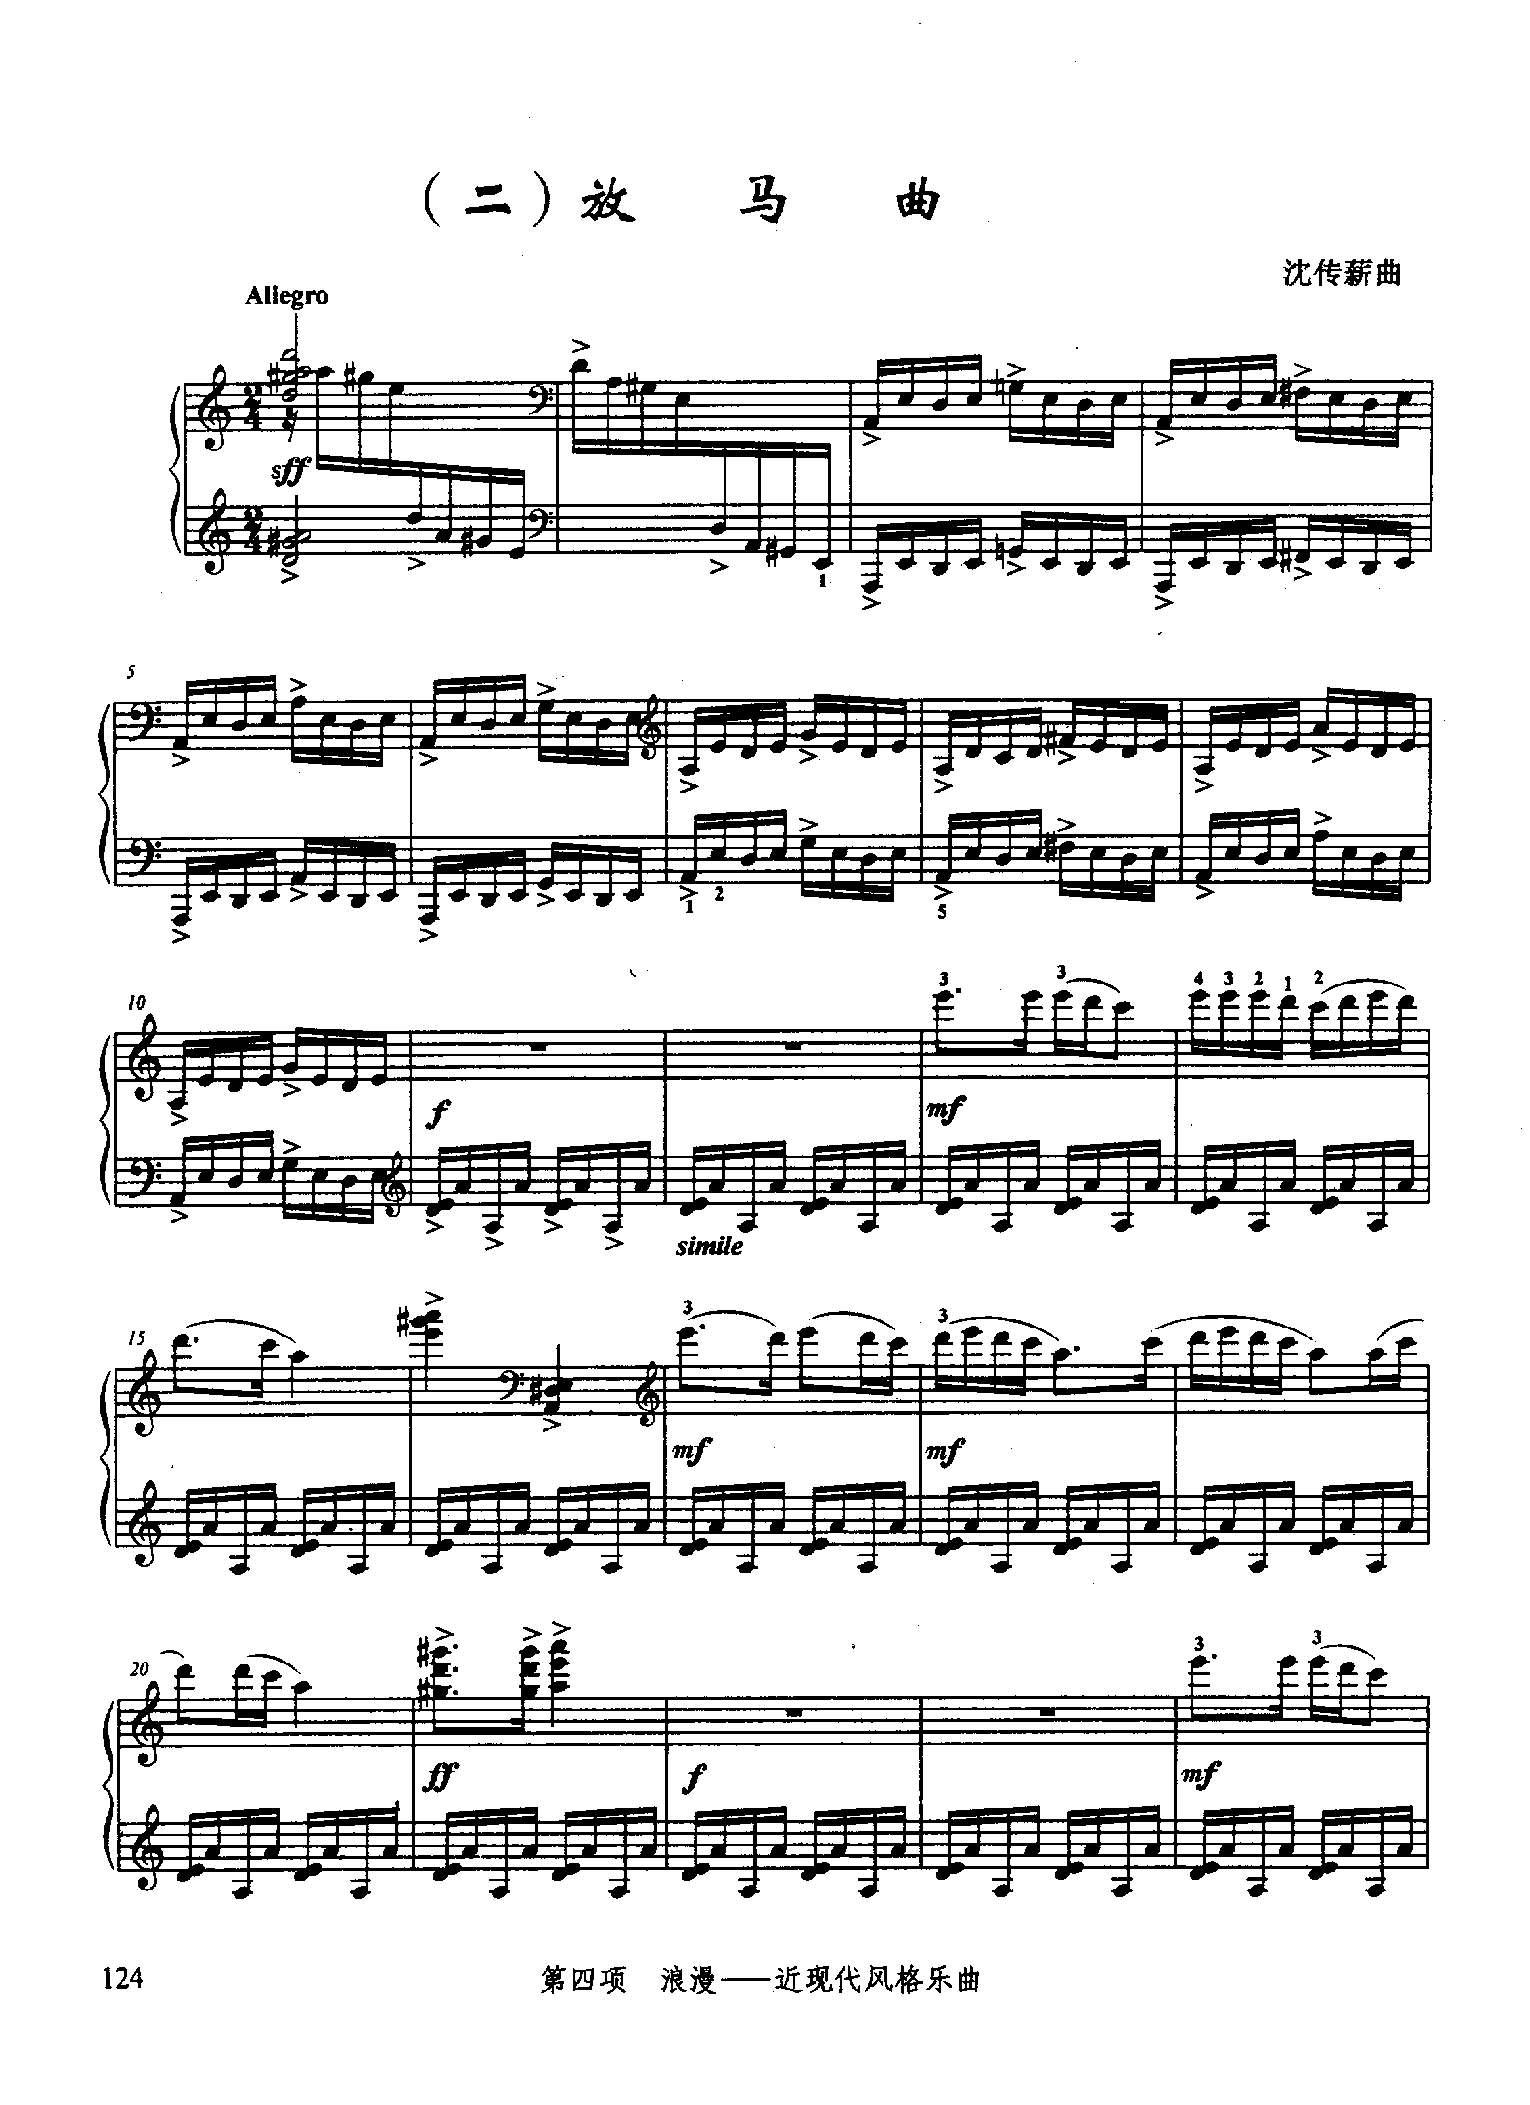 【急求钢琴谱】_蛐蛐钢琴网